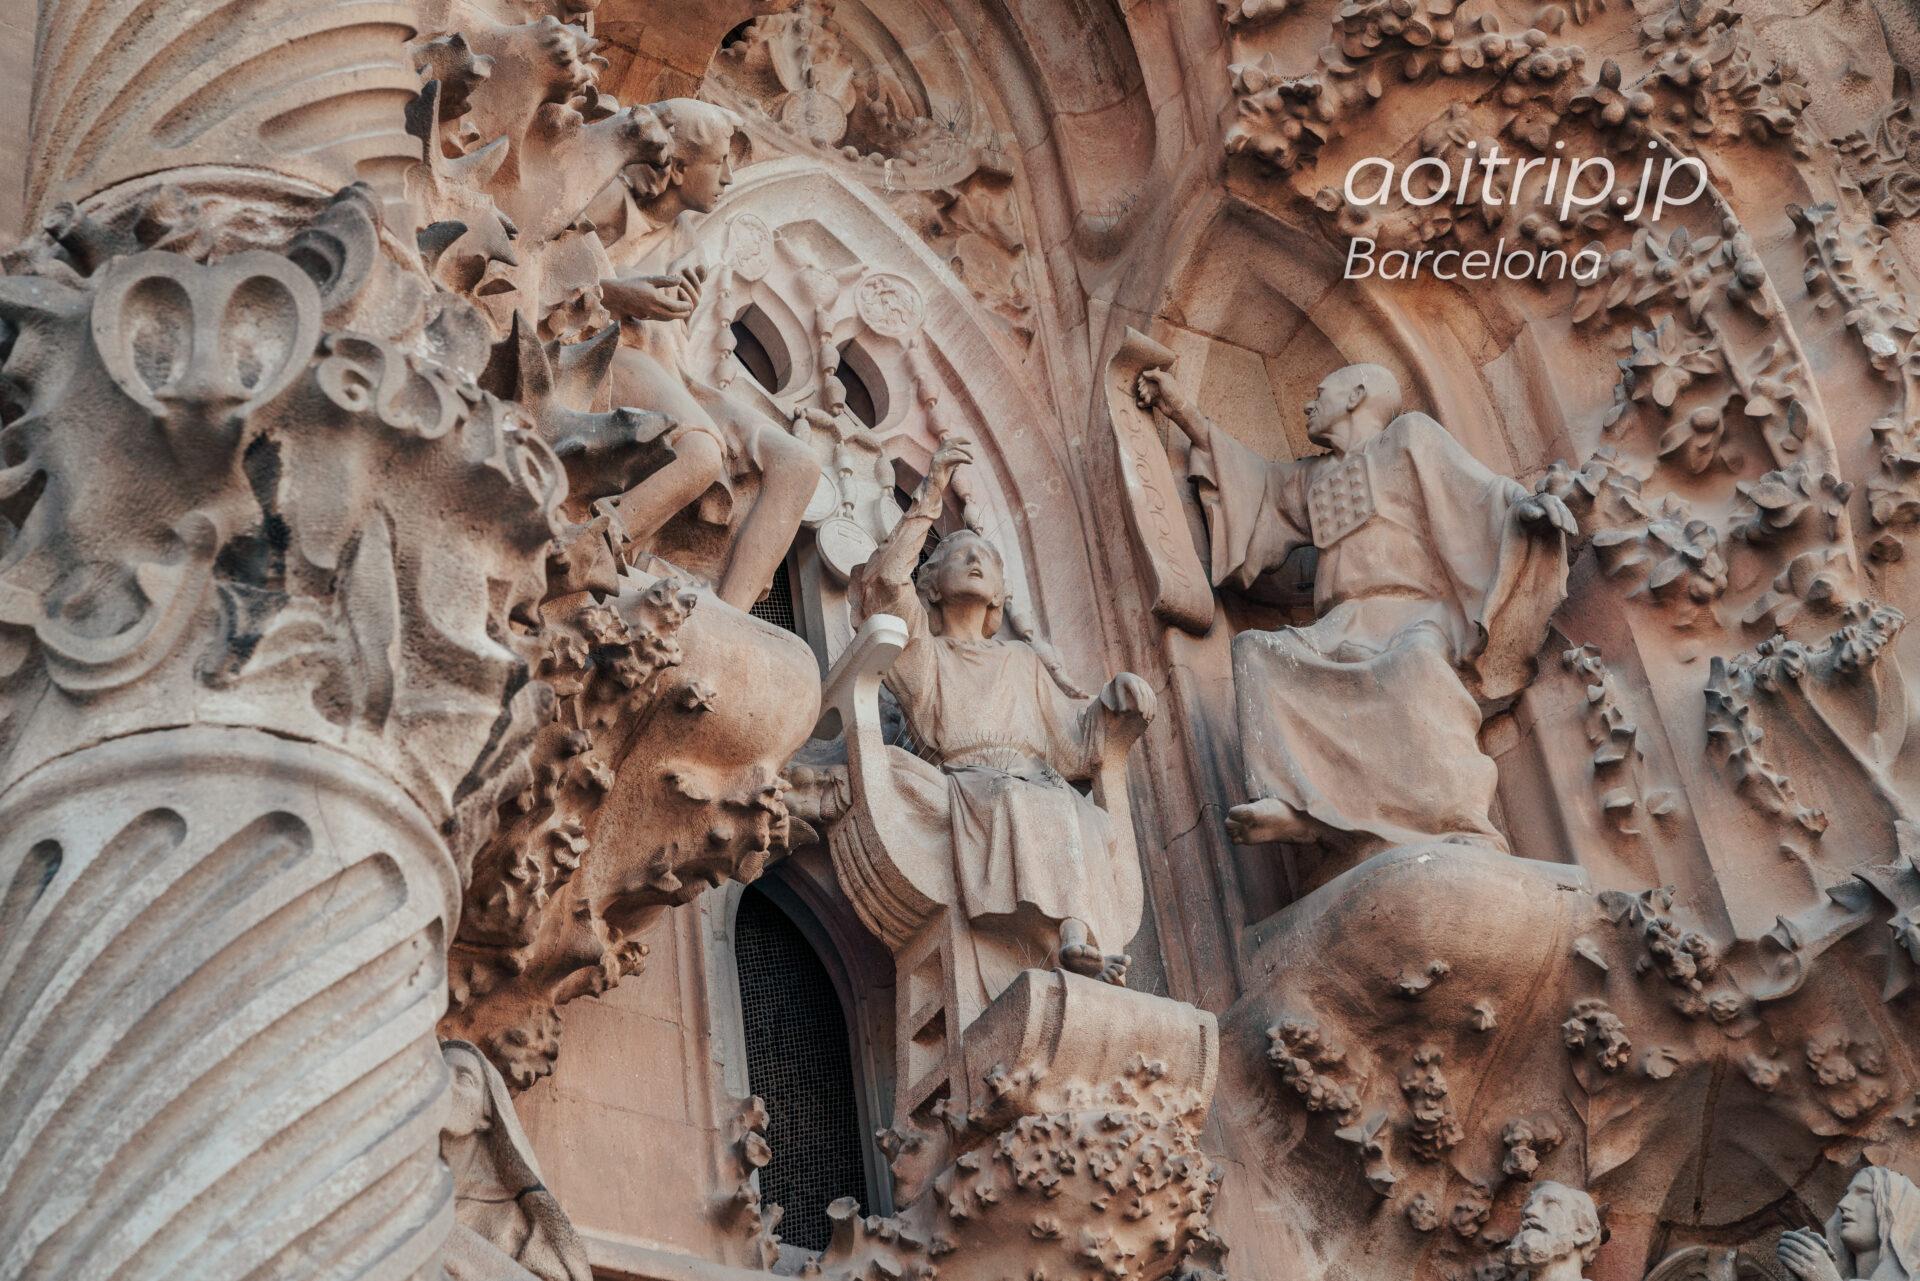 Basílica de la Sagrada Família(Façana del Naixement, Jesus preaching in the temple)